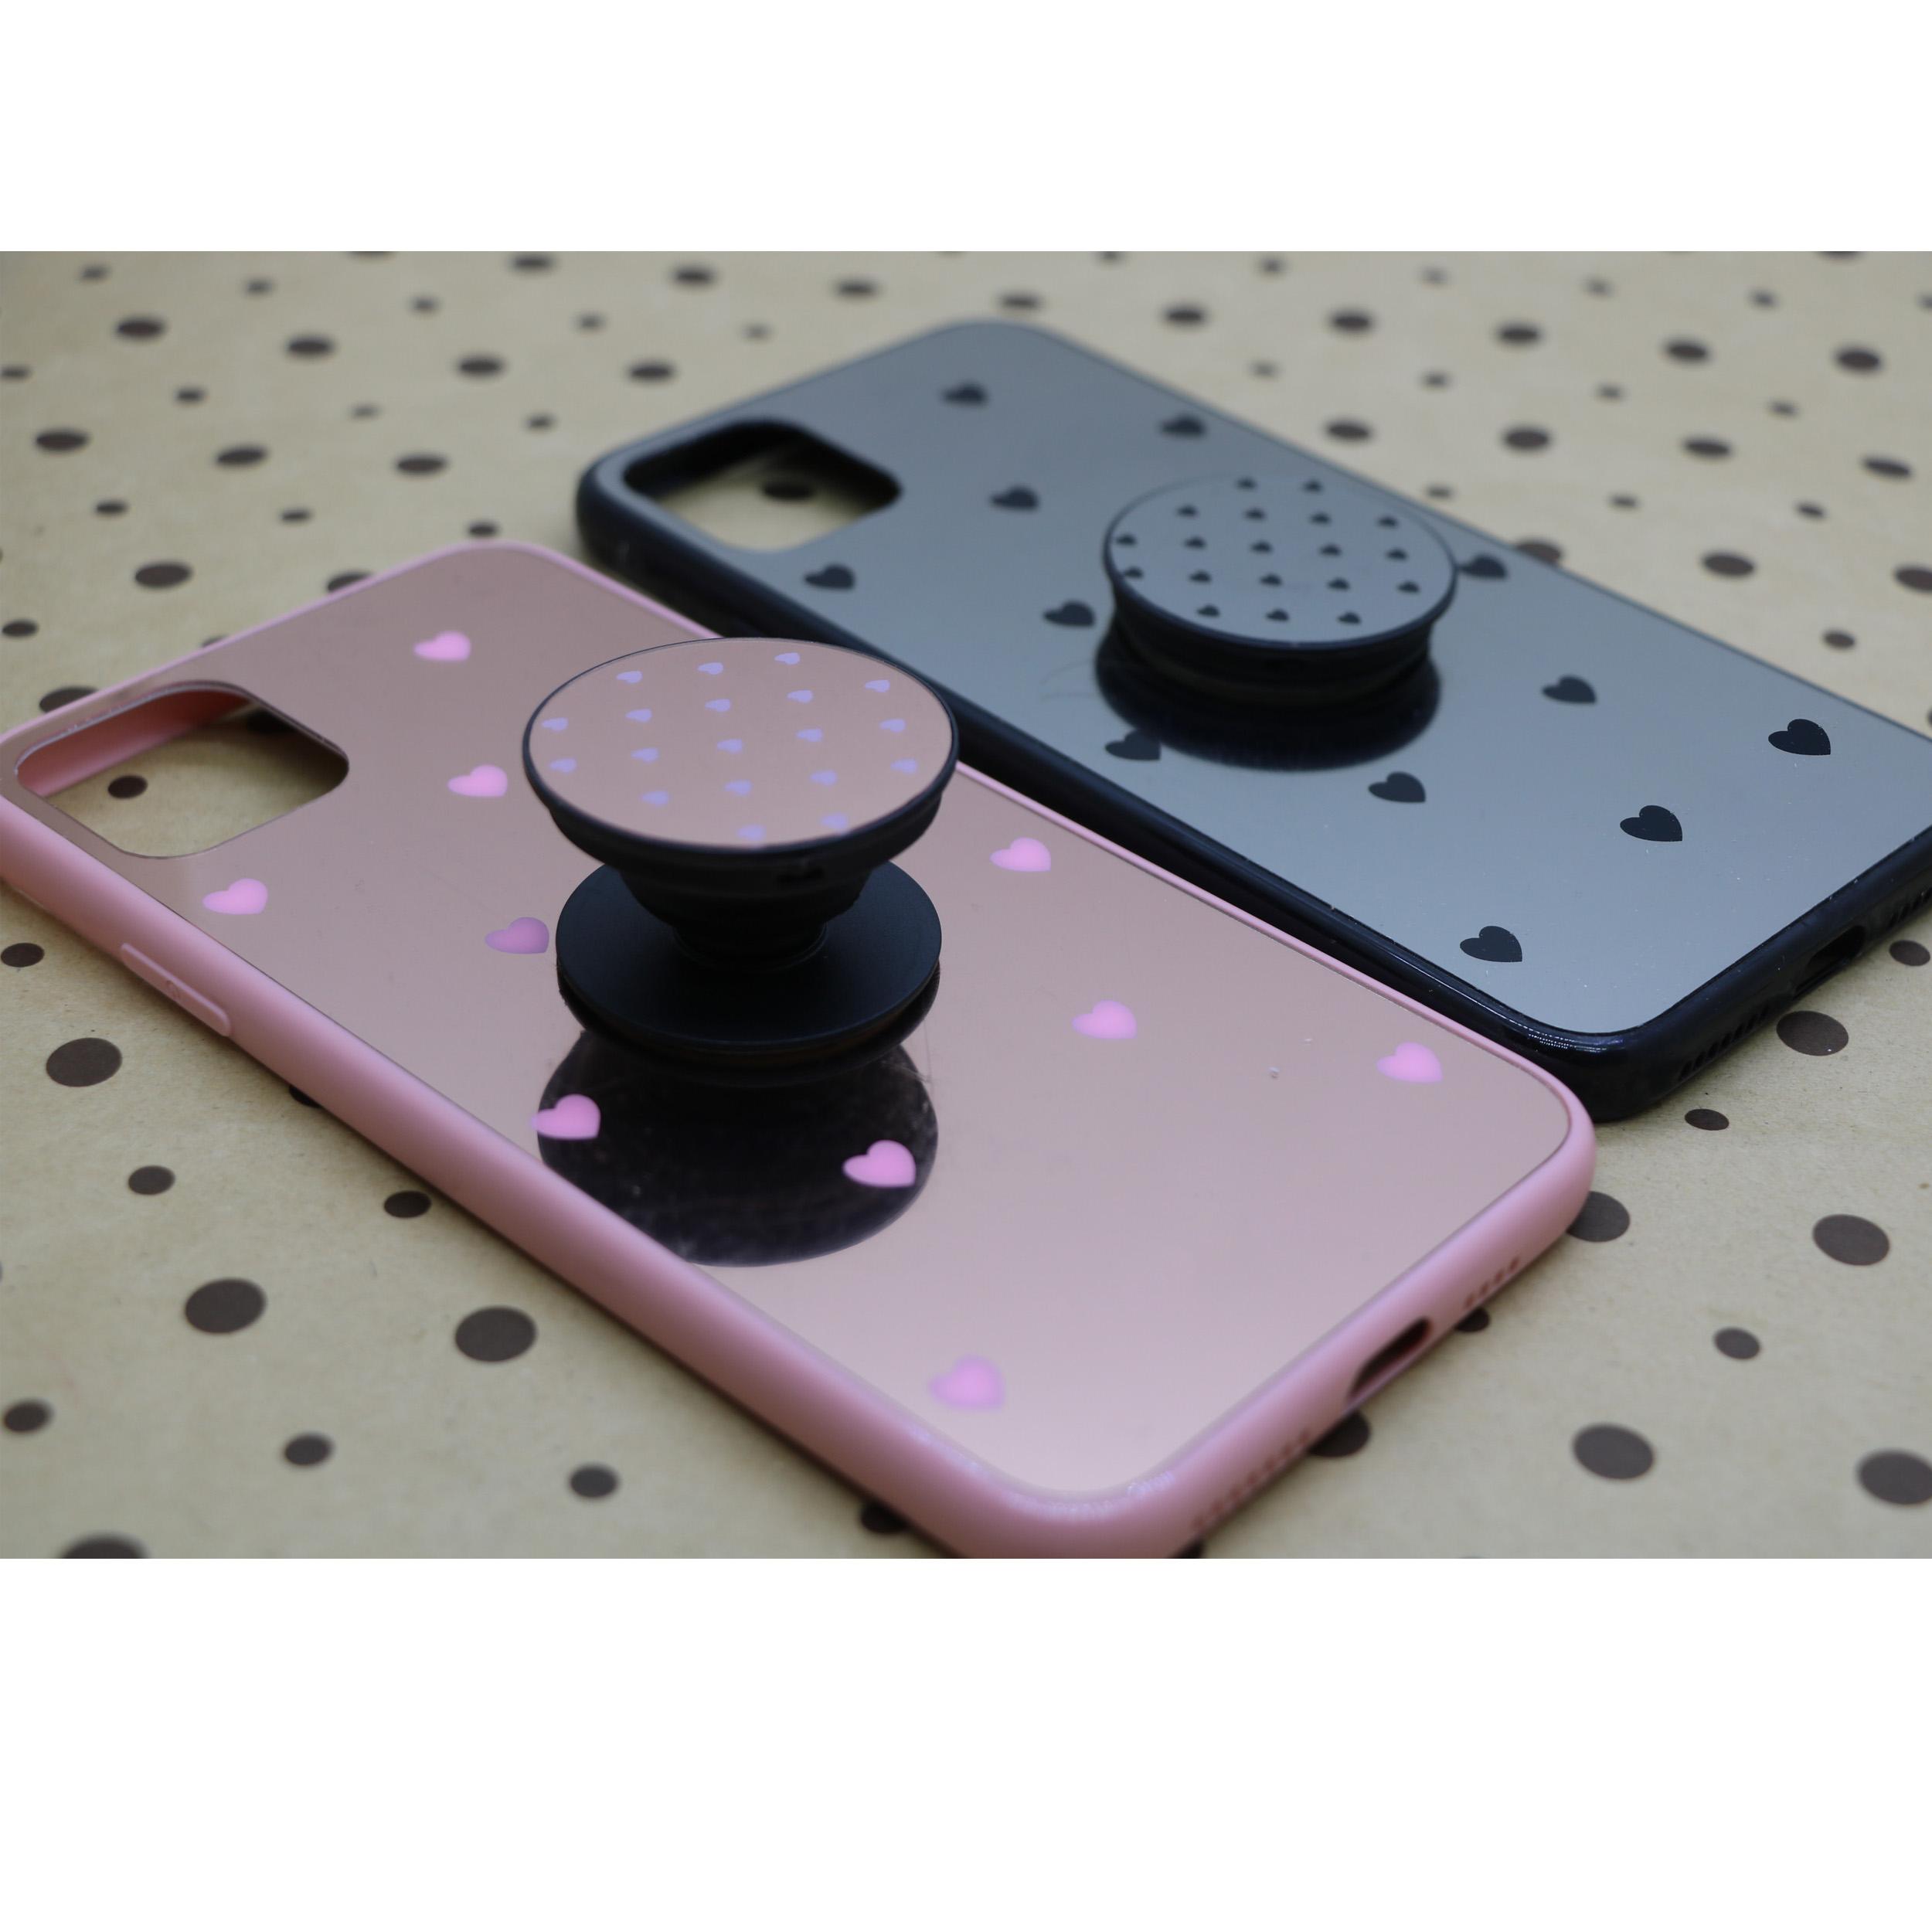 کاور طرح Heart مدل BH-01 مناسب برای گوشی موبایل اپل Iphone 11 به همراه نگهدارنده main 1 3